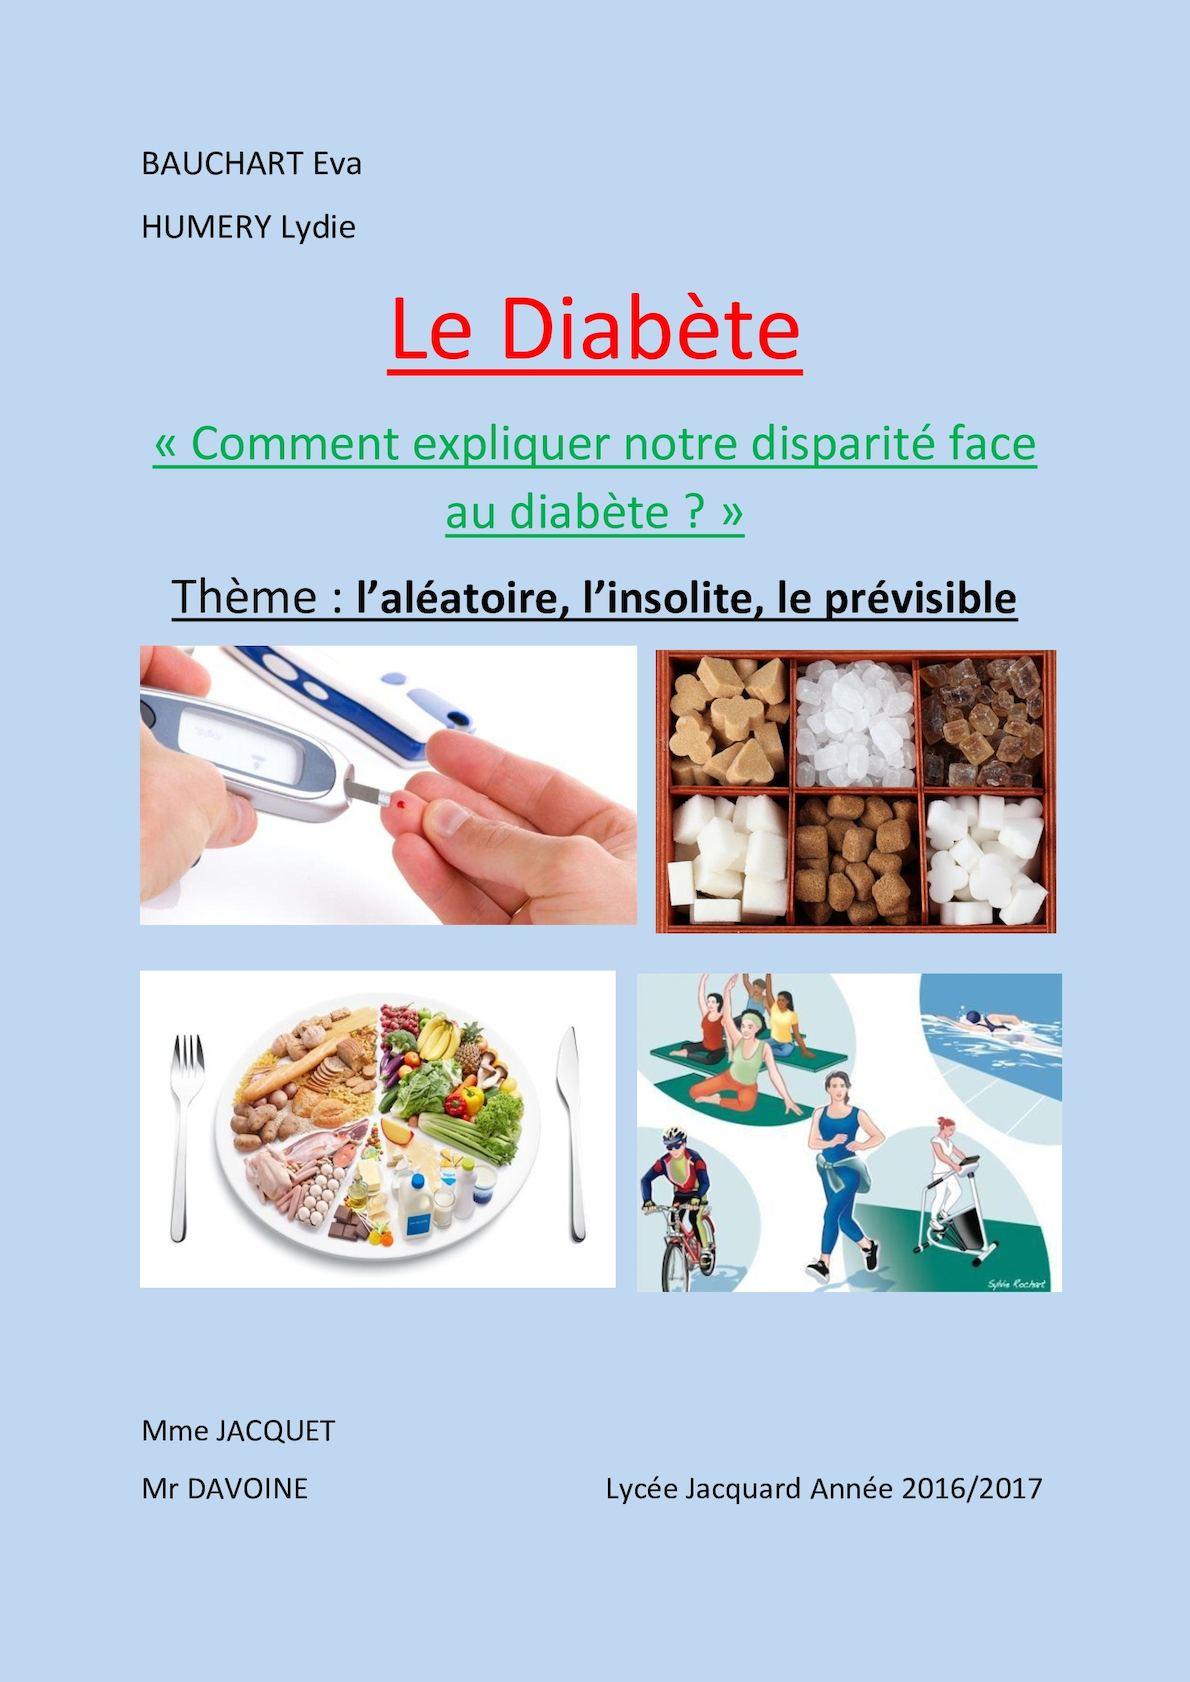 la perte de poids peut mener au diabète